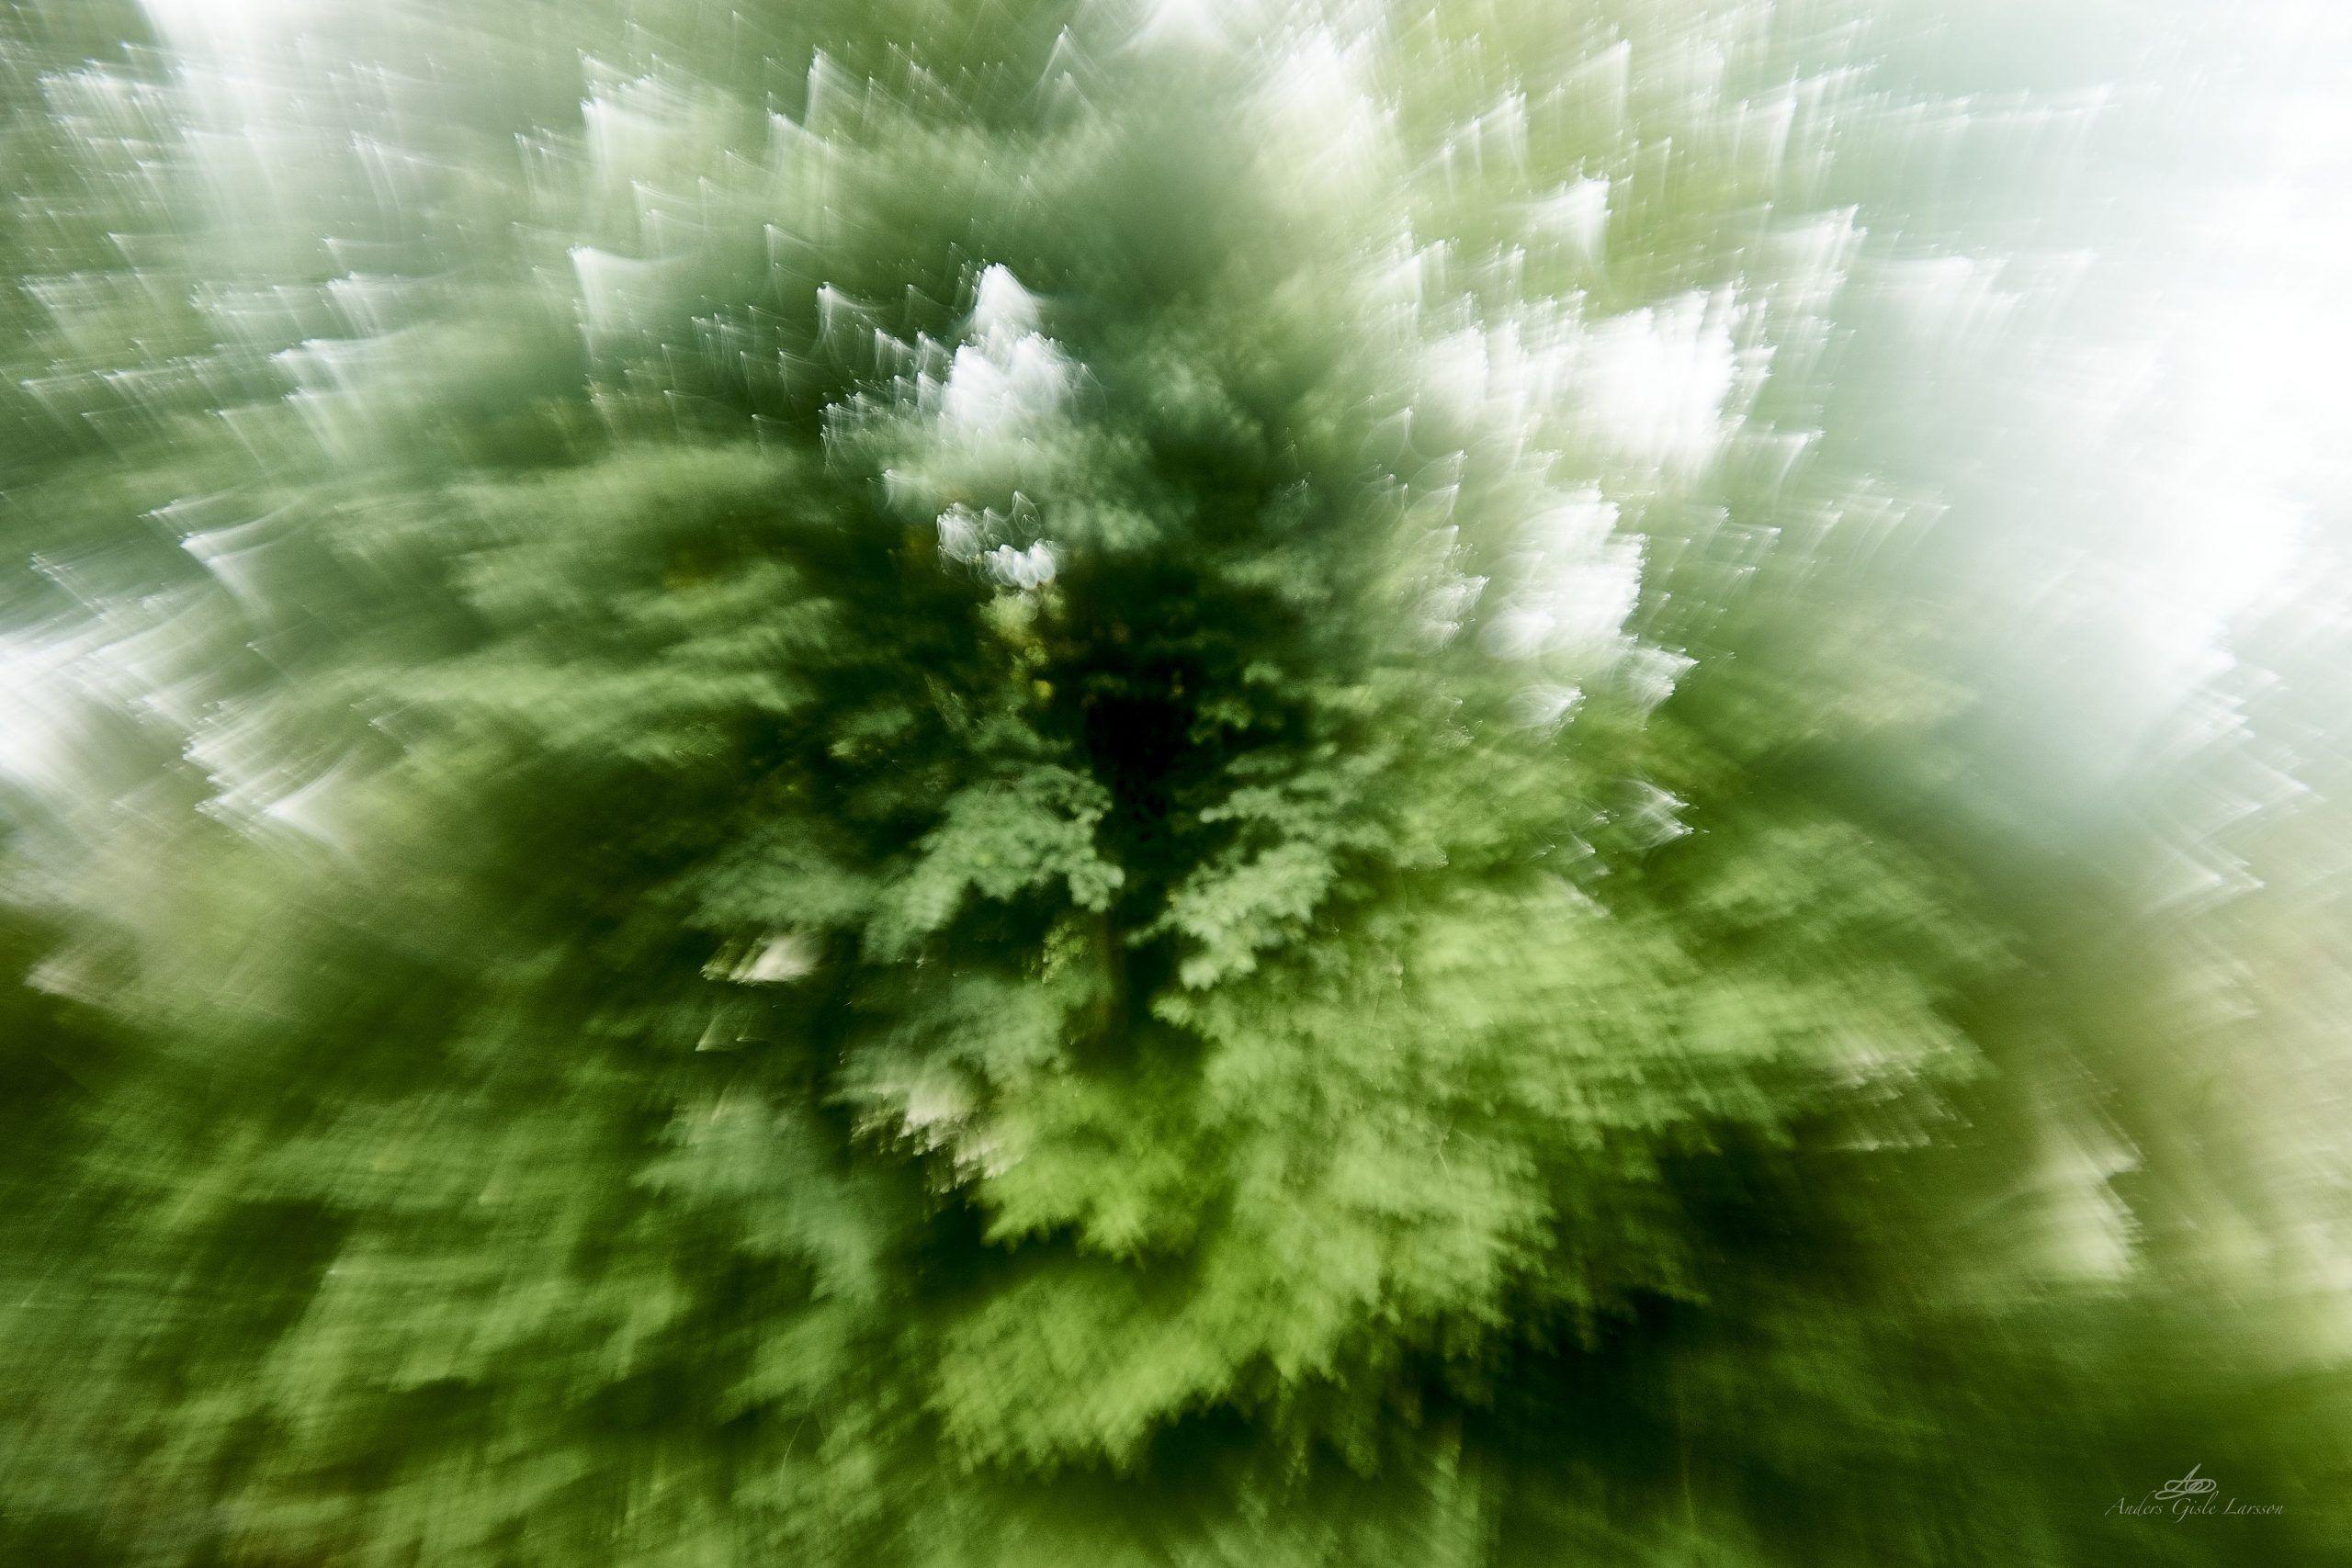 Det eksploderede træ, 242/365, Uge 35, Assentoft, Randers